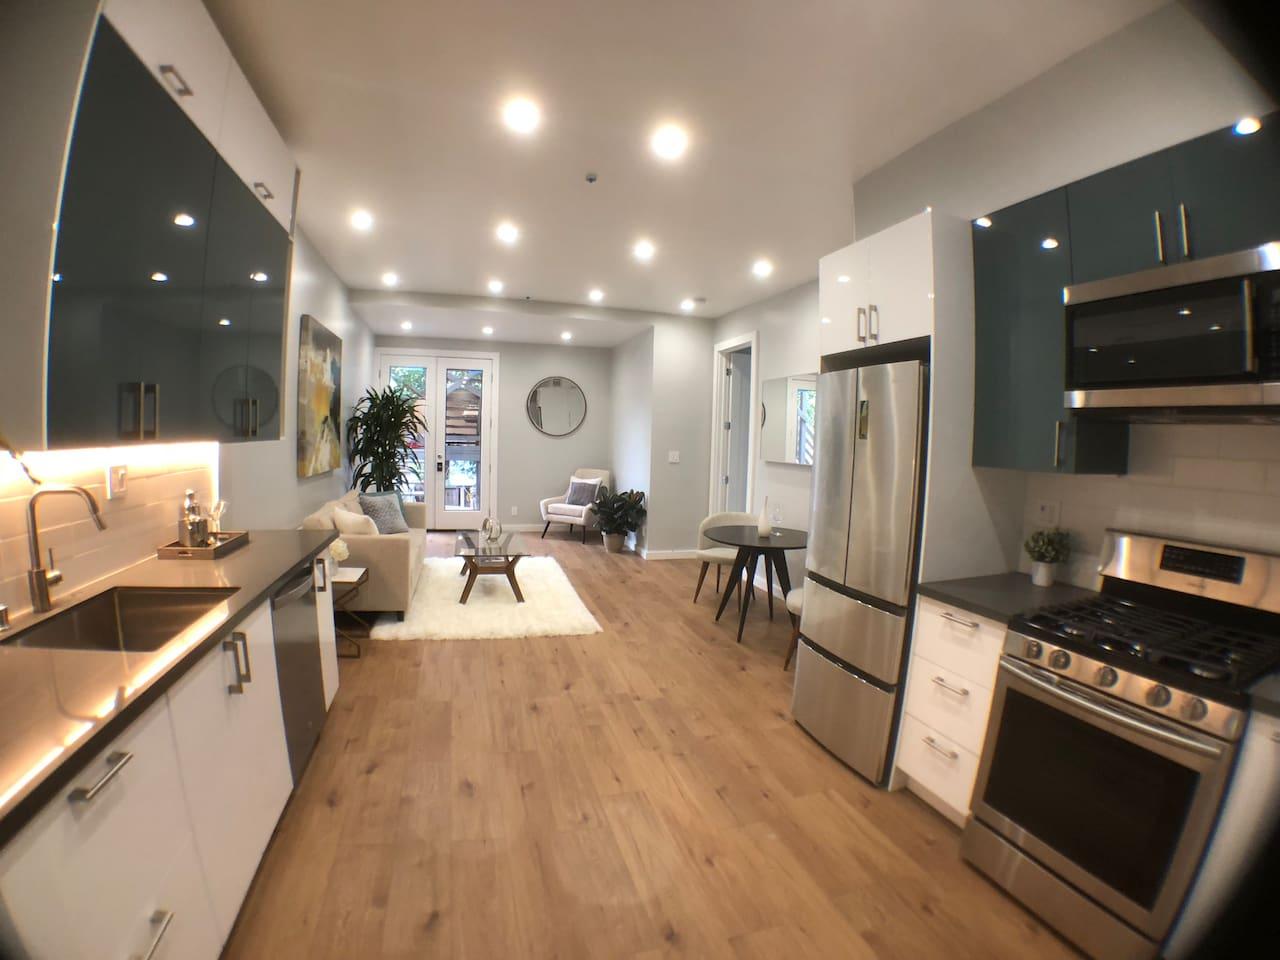 Open floor plan kitchen + living area